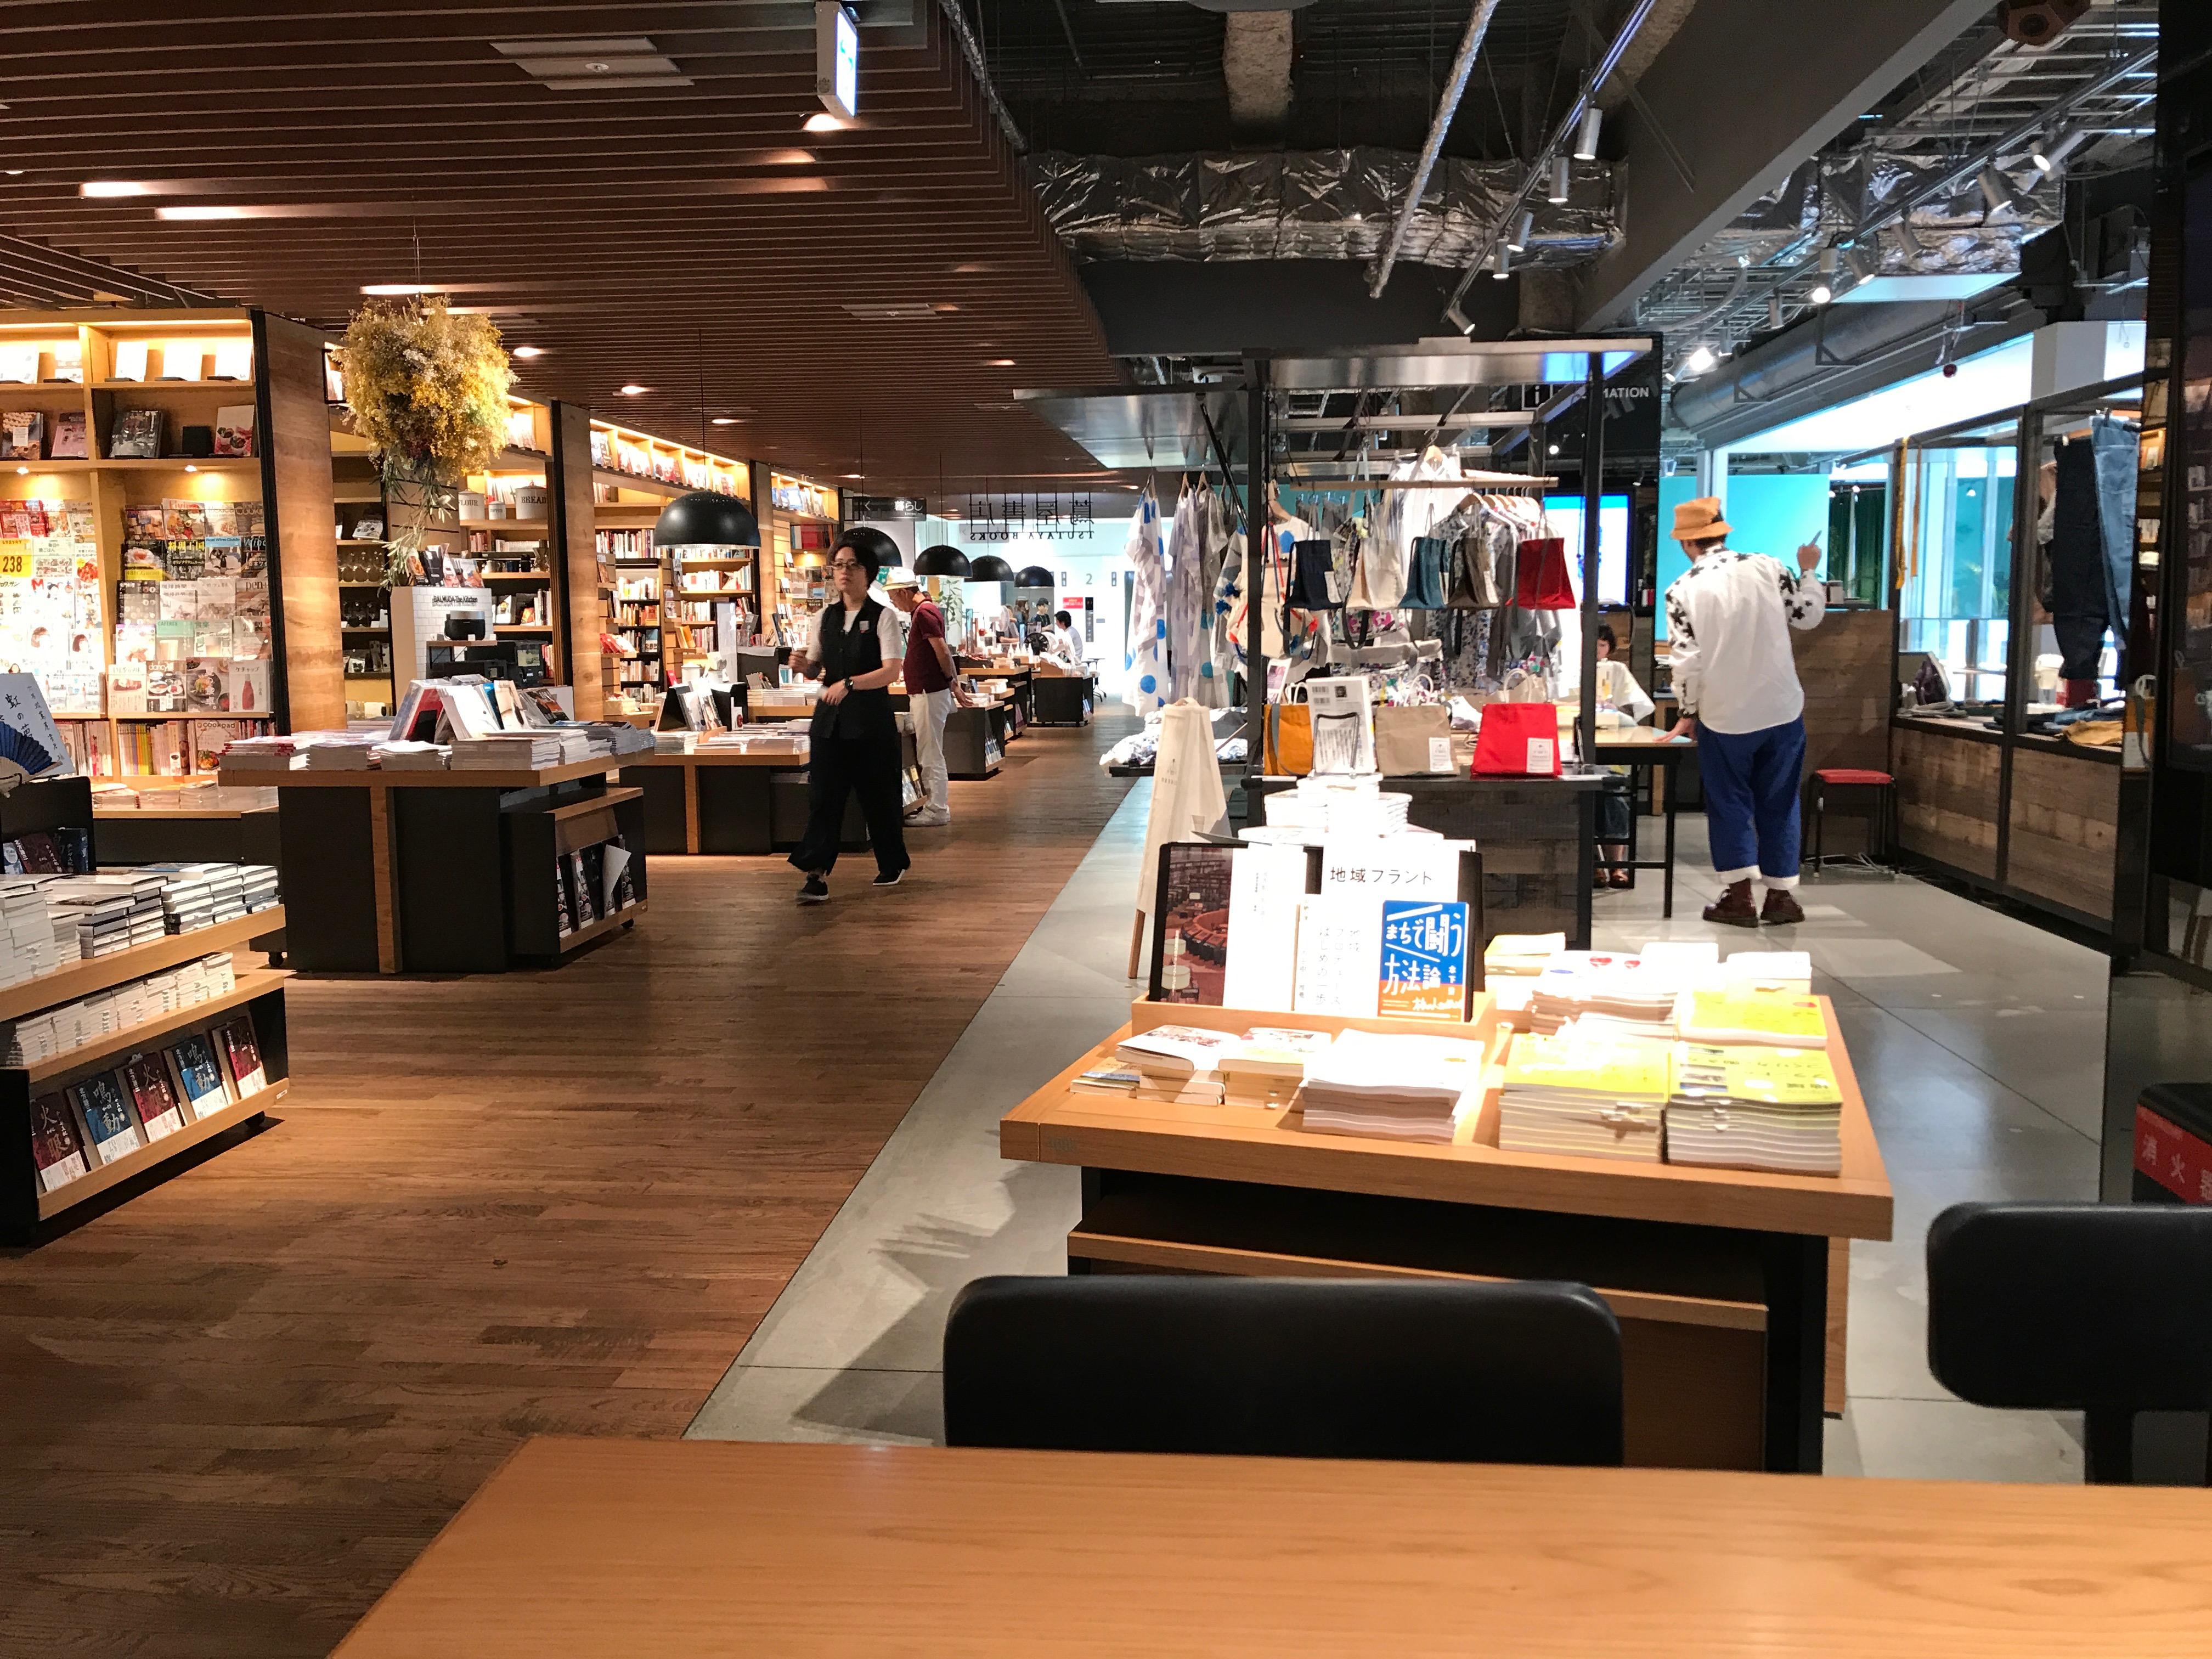 福岡の街の程の良いバランス感というのは蔦屋書店の六本松店にも表れている